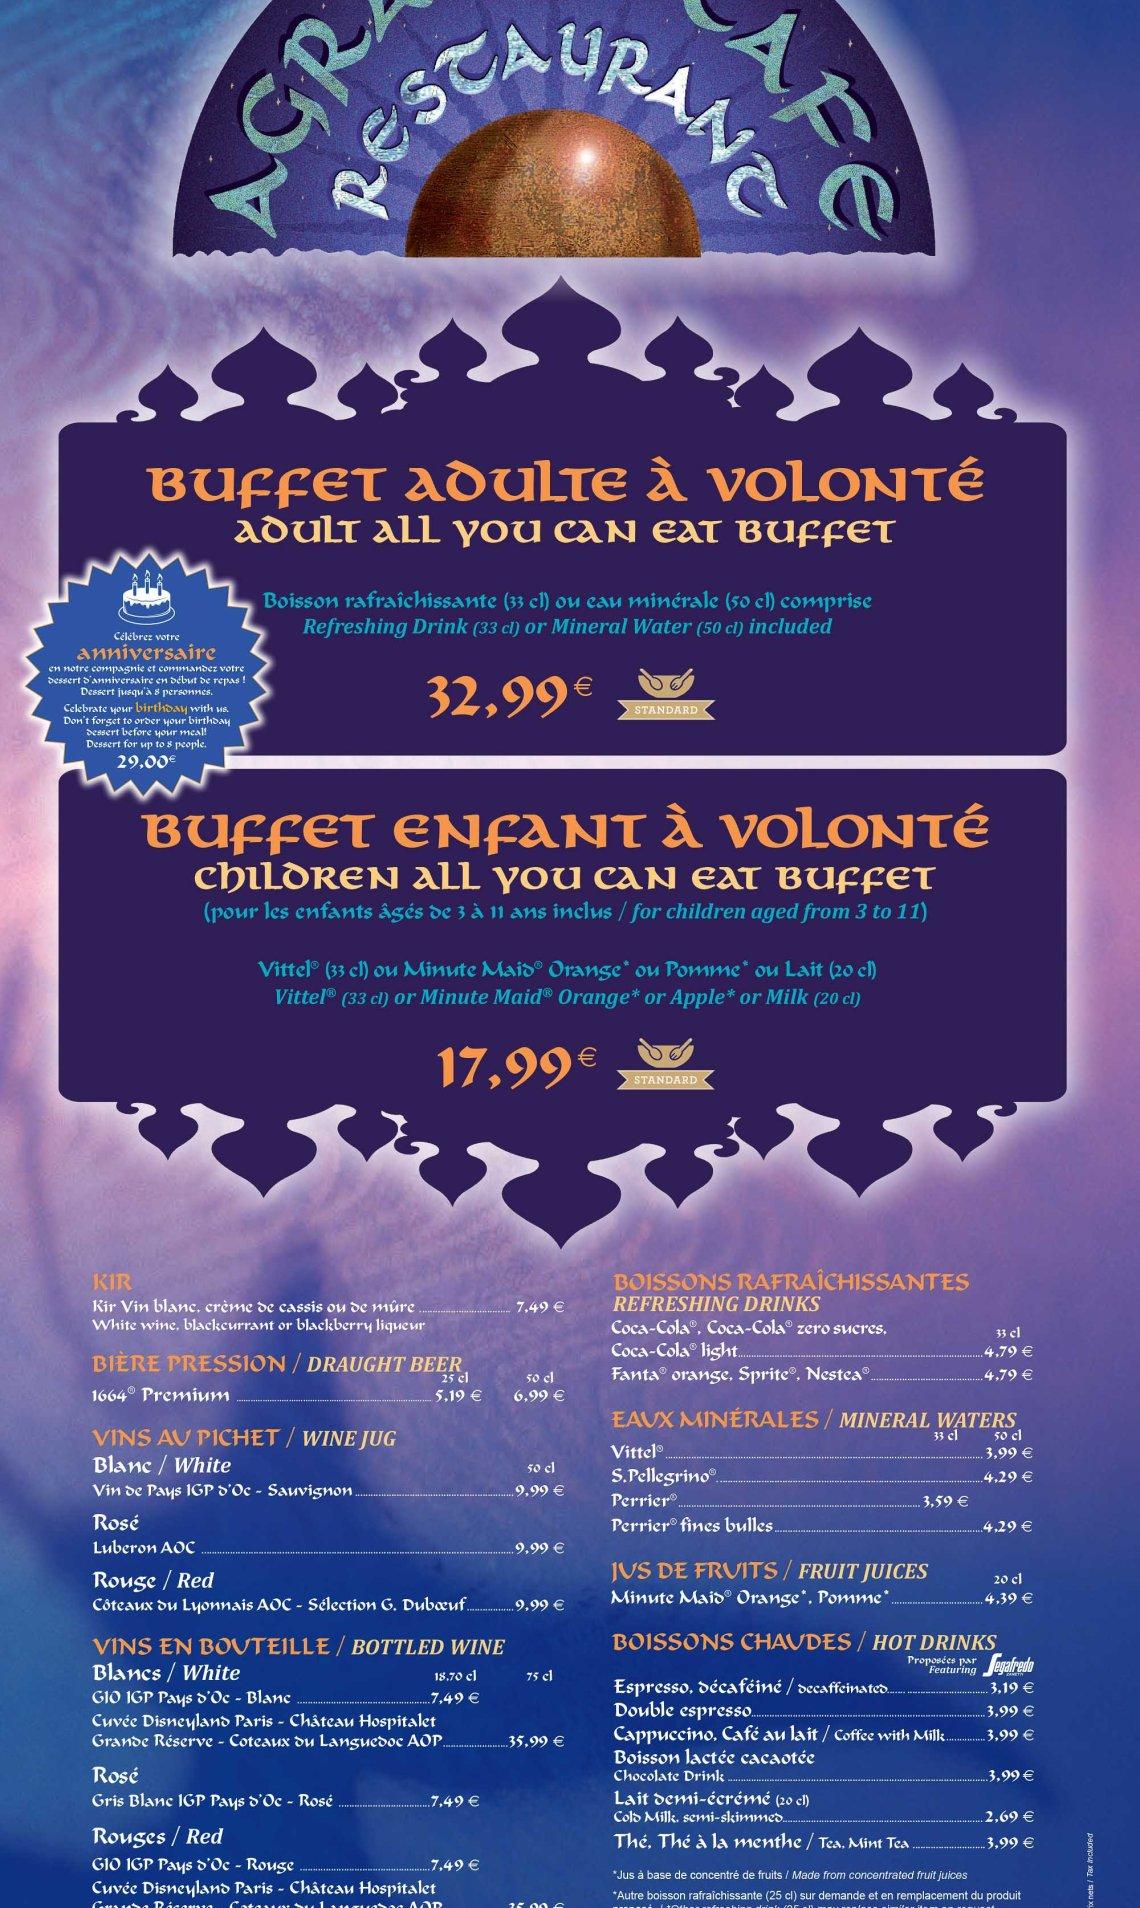 agrabah - Menu Restaurant 2015 - 2016 Disneyland Paris